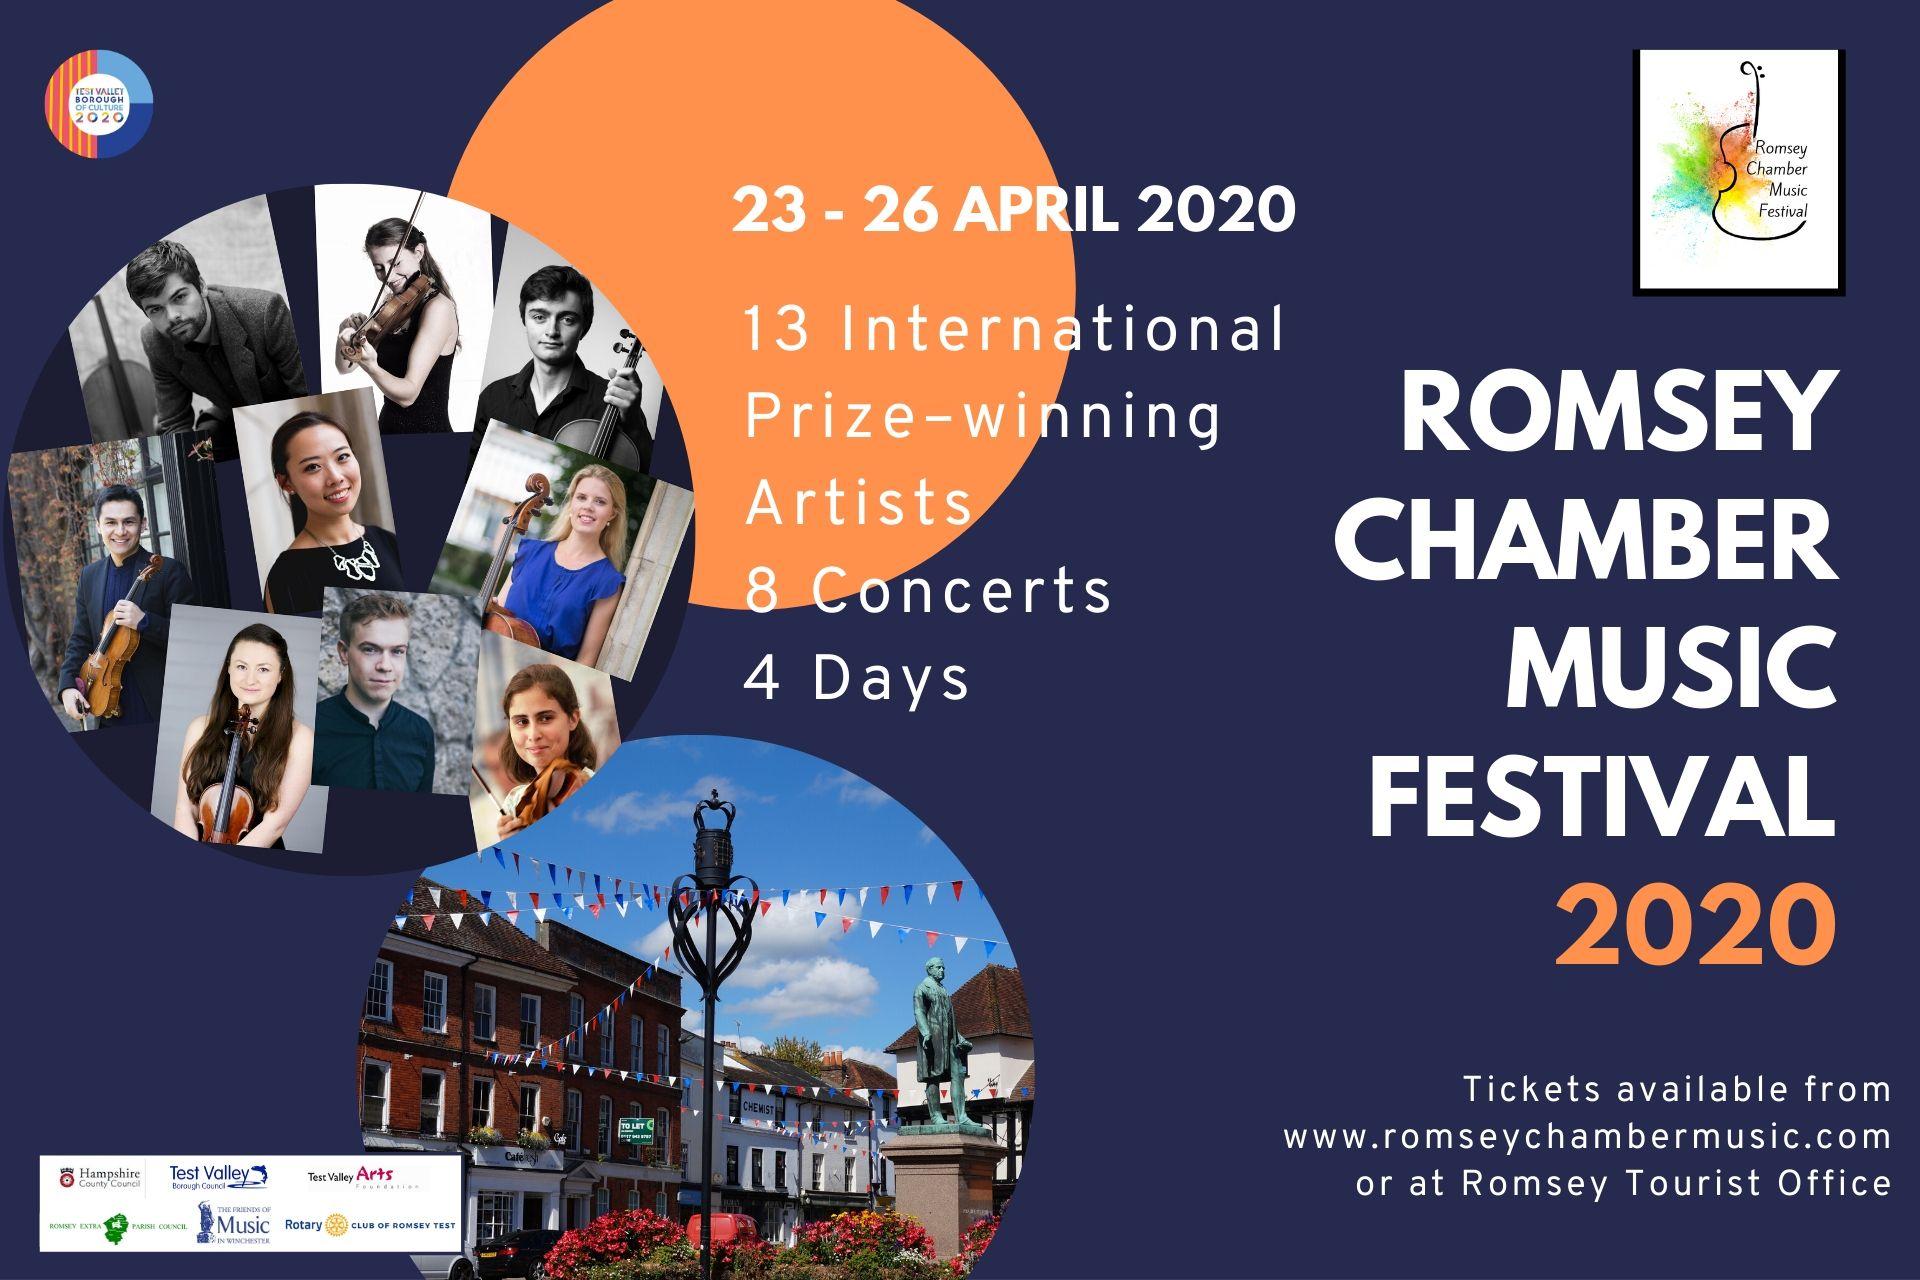 Romsey Chamber Music Festival 2020!